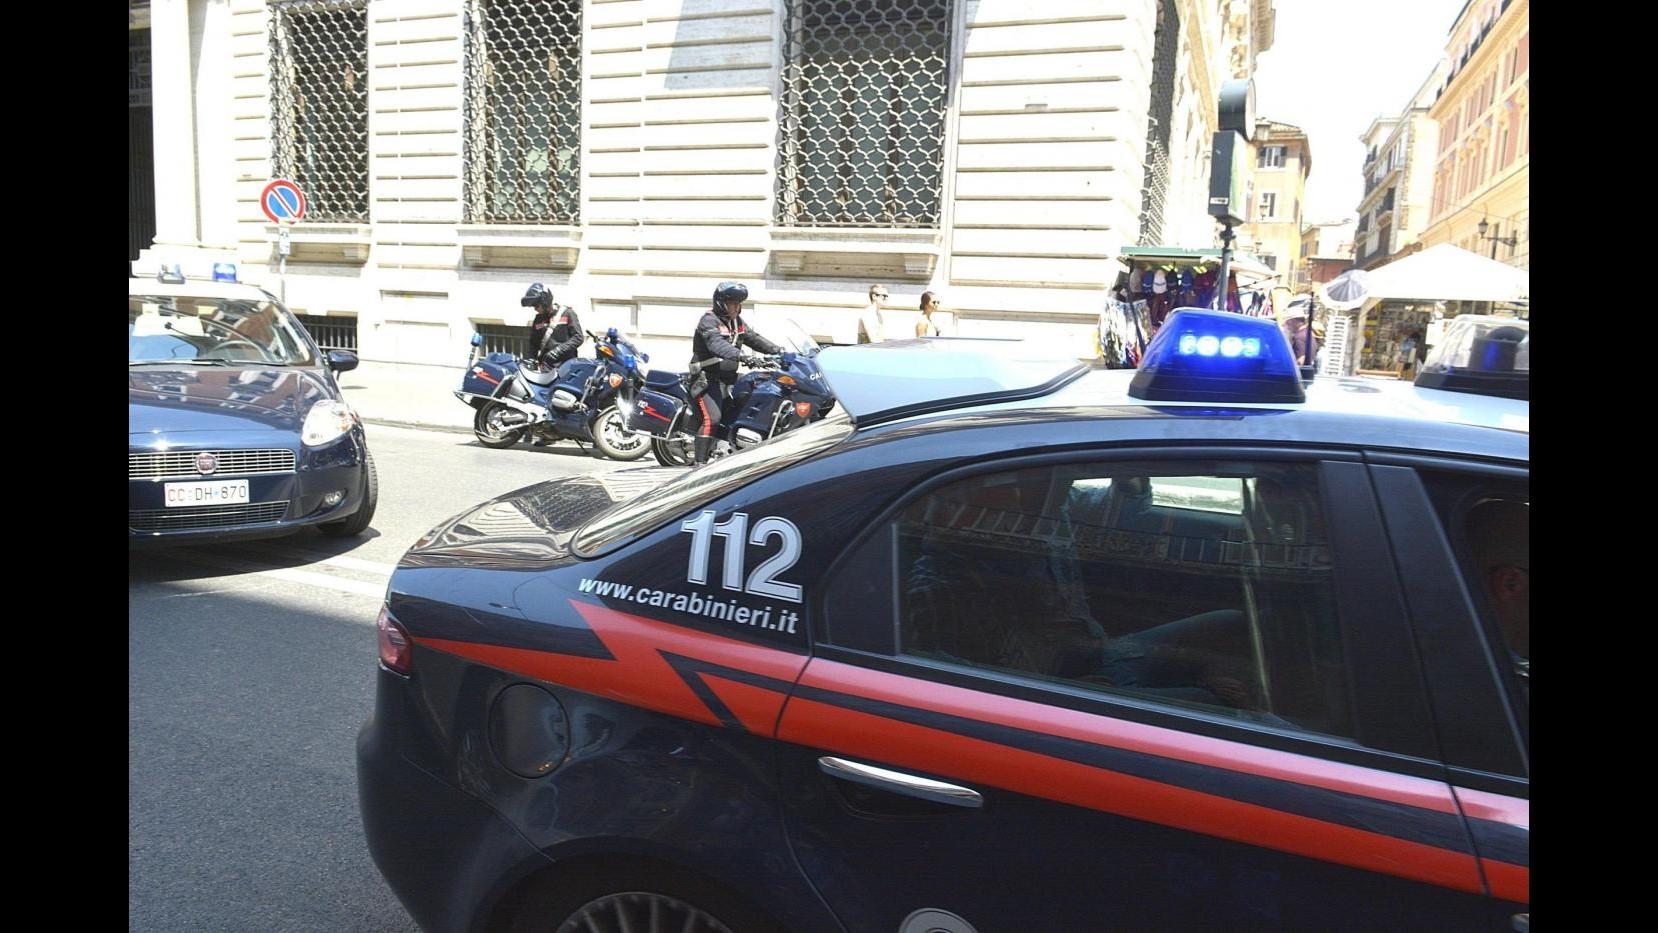 Milano, furti in appartamento: arrestati 2 ladri minorenni